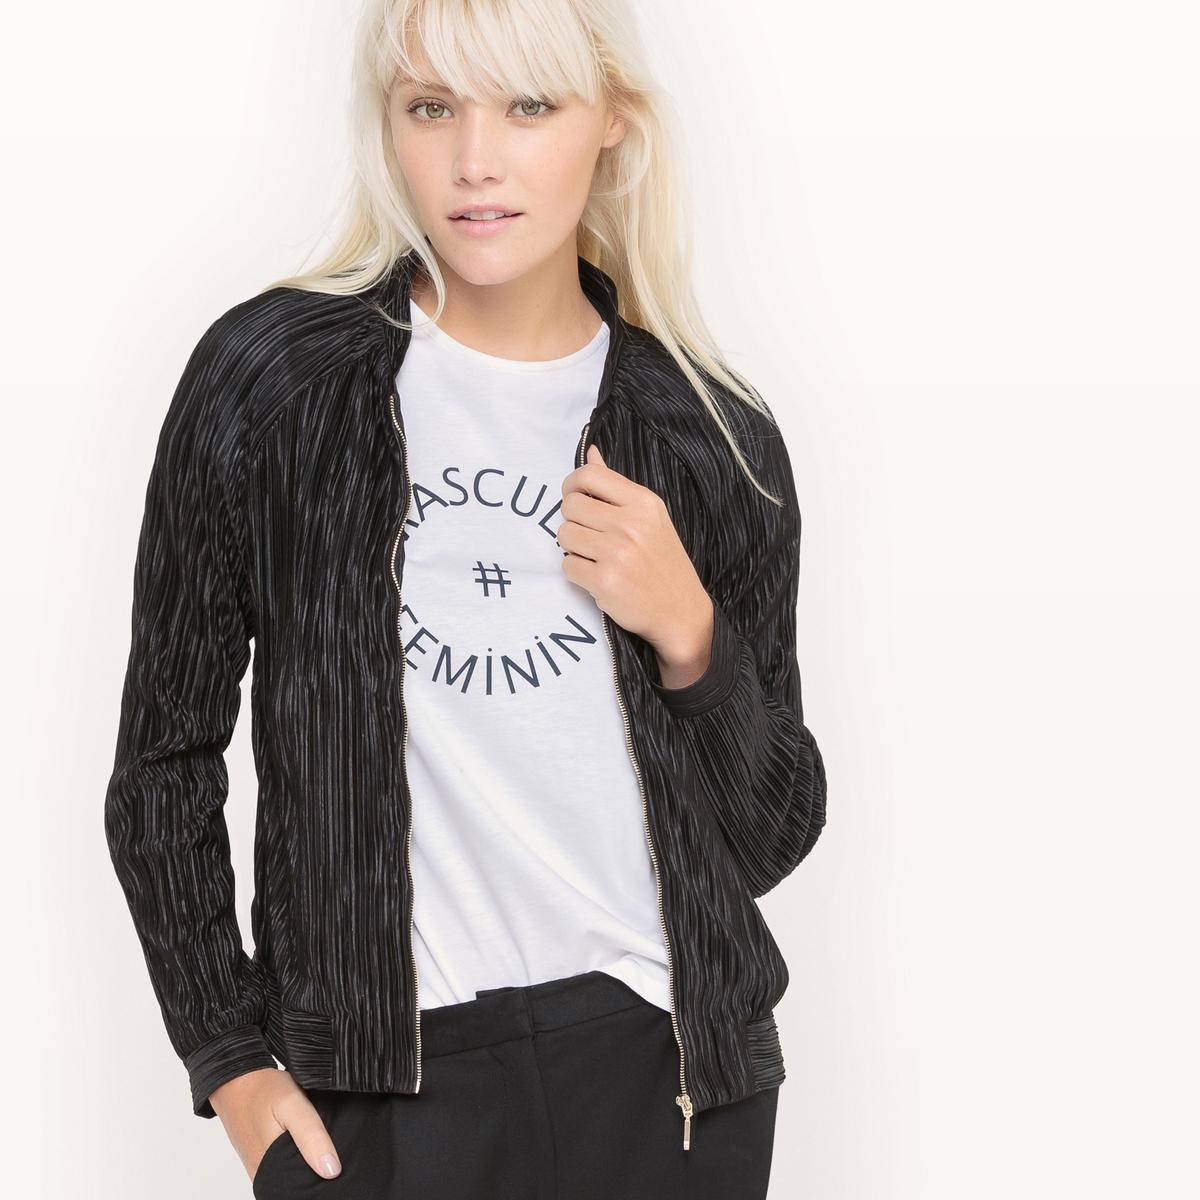 Куртка-бомбер с плиссировкойКуртка-бомбер легкая с эластичной плиссировкой . Длинные рукава, пройма реглан. 2 прорезных кармана спереди. Застежка на молнию.Состав и описаниеМатериал : 100% полиэстерДлина : 56 смМарка : Mademoiselle R.УходМашинная стирка при 30°C на деликатном режиме Машинная стирка с изнаночной стороны с вещами схожих цветовМашинная сушка запрещена Не гладить<br><br>Цвет: черный<br>Размер: 40 (FR) - 46 (RUS).36 (FR) - 42 (RUS)